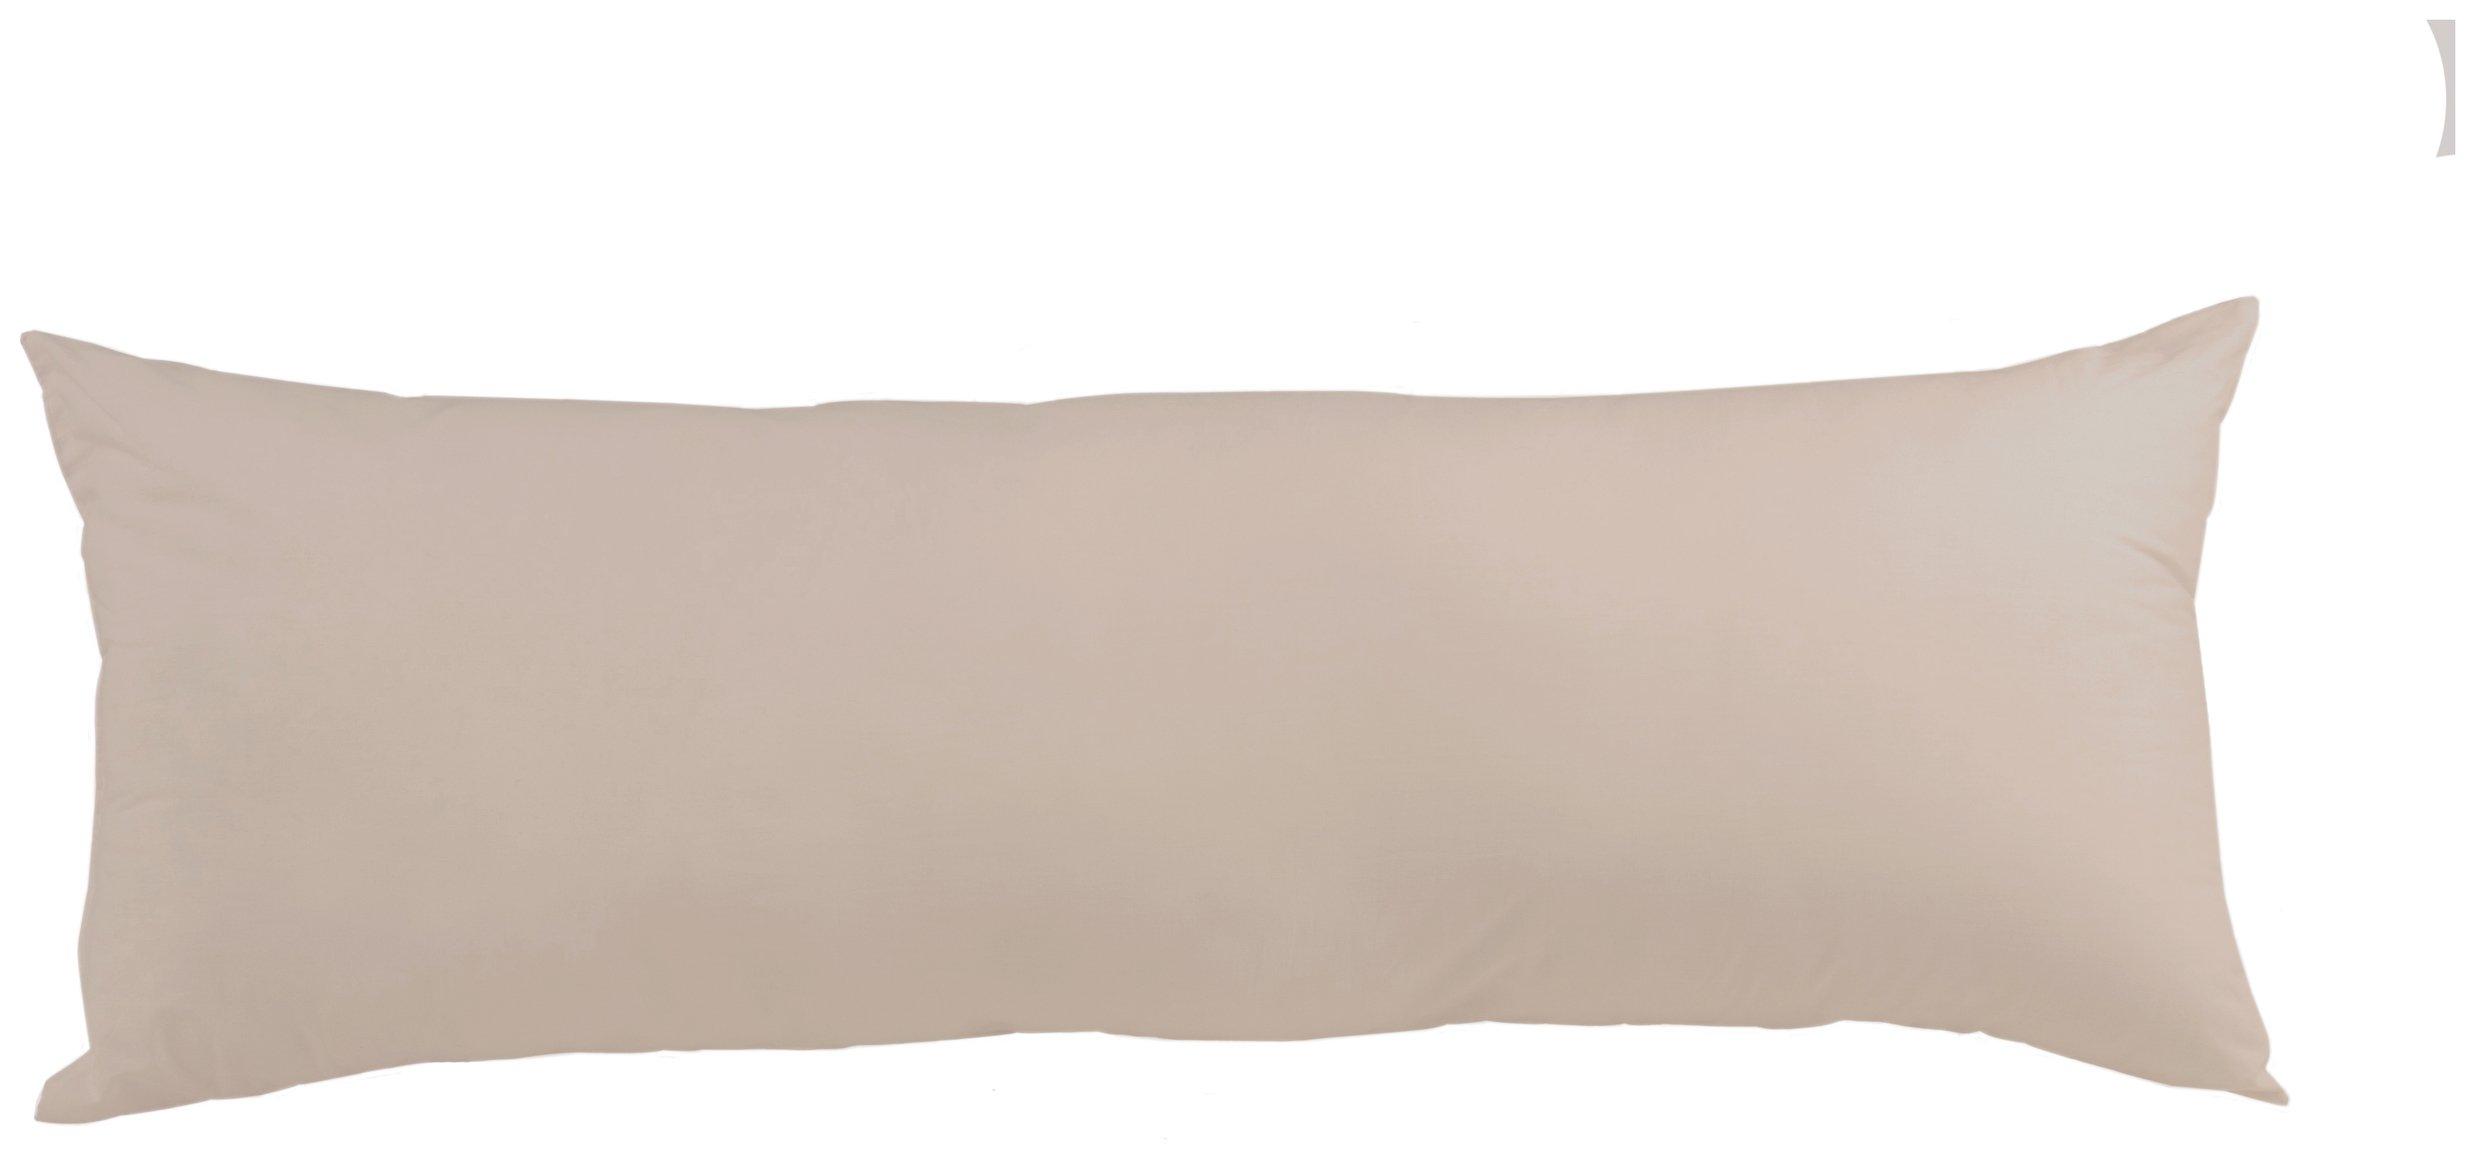 downland  5 ft white bolster pillowcases  set of 2